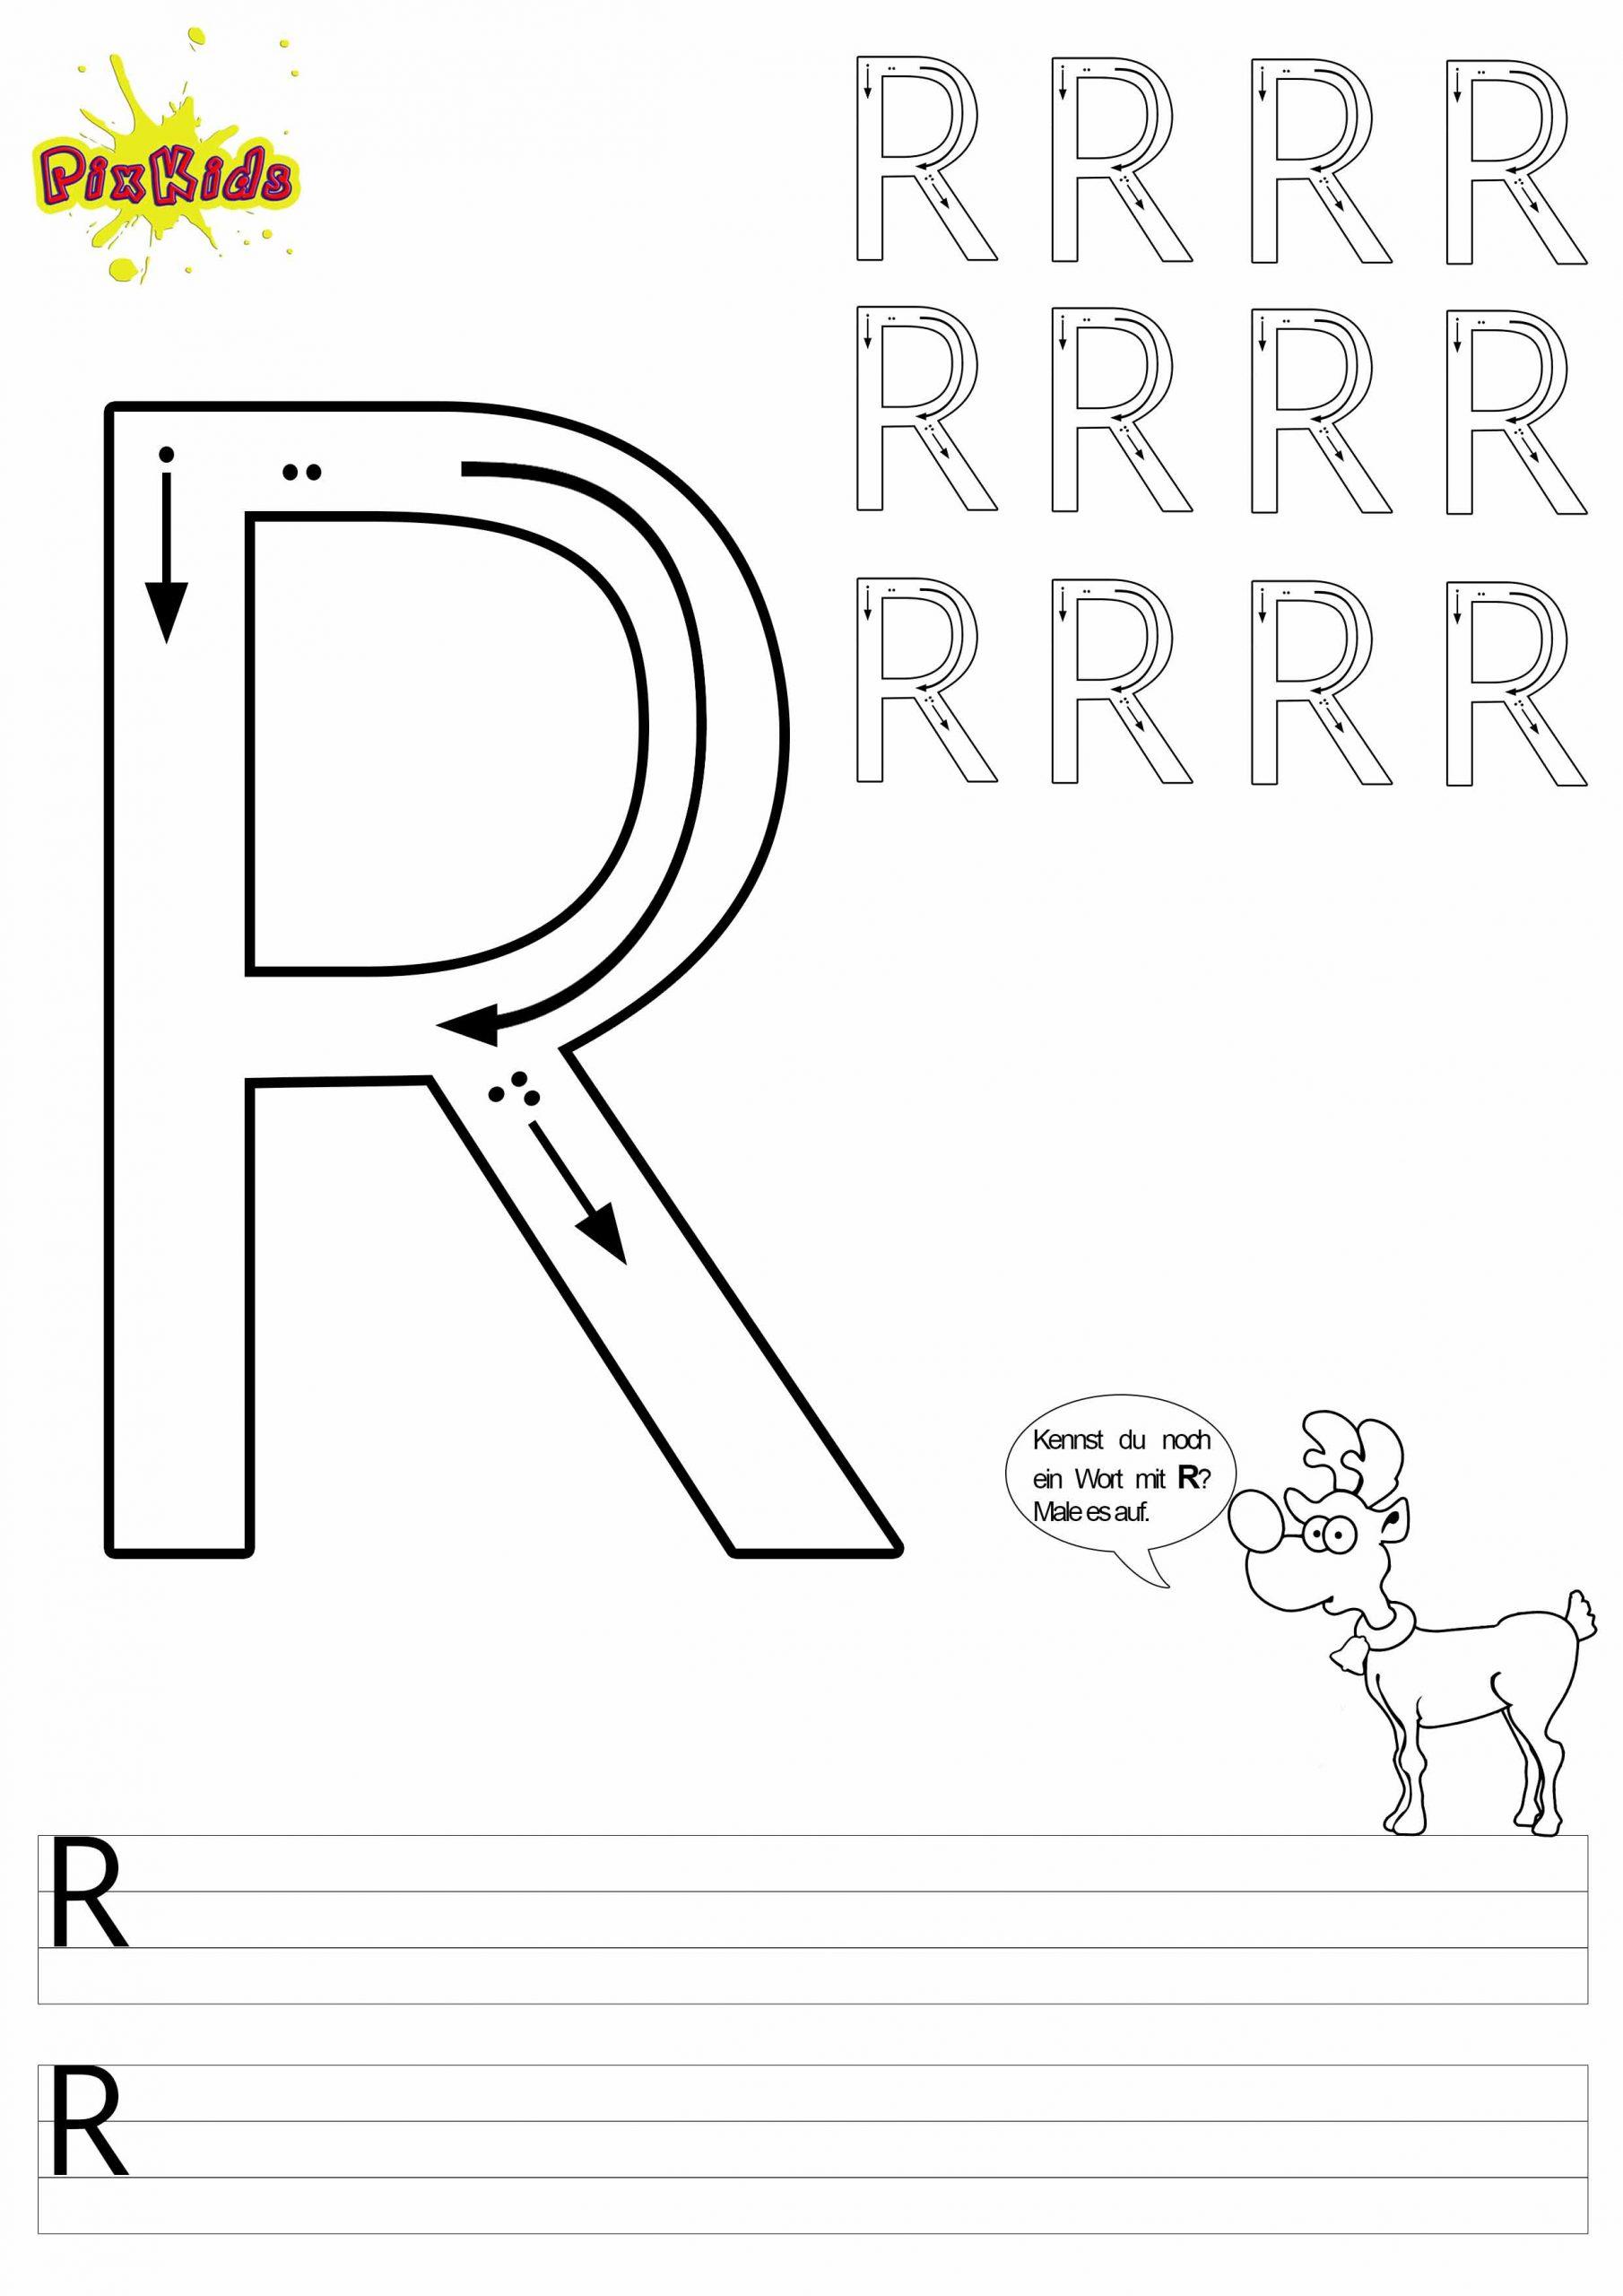 Buchstaben Schreiben Lernen Arbeitsblätter – Buchstabe R mit Buchstaben Schreiben Lernen Zum Ausdrucken